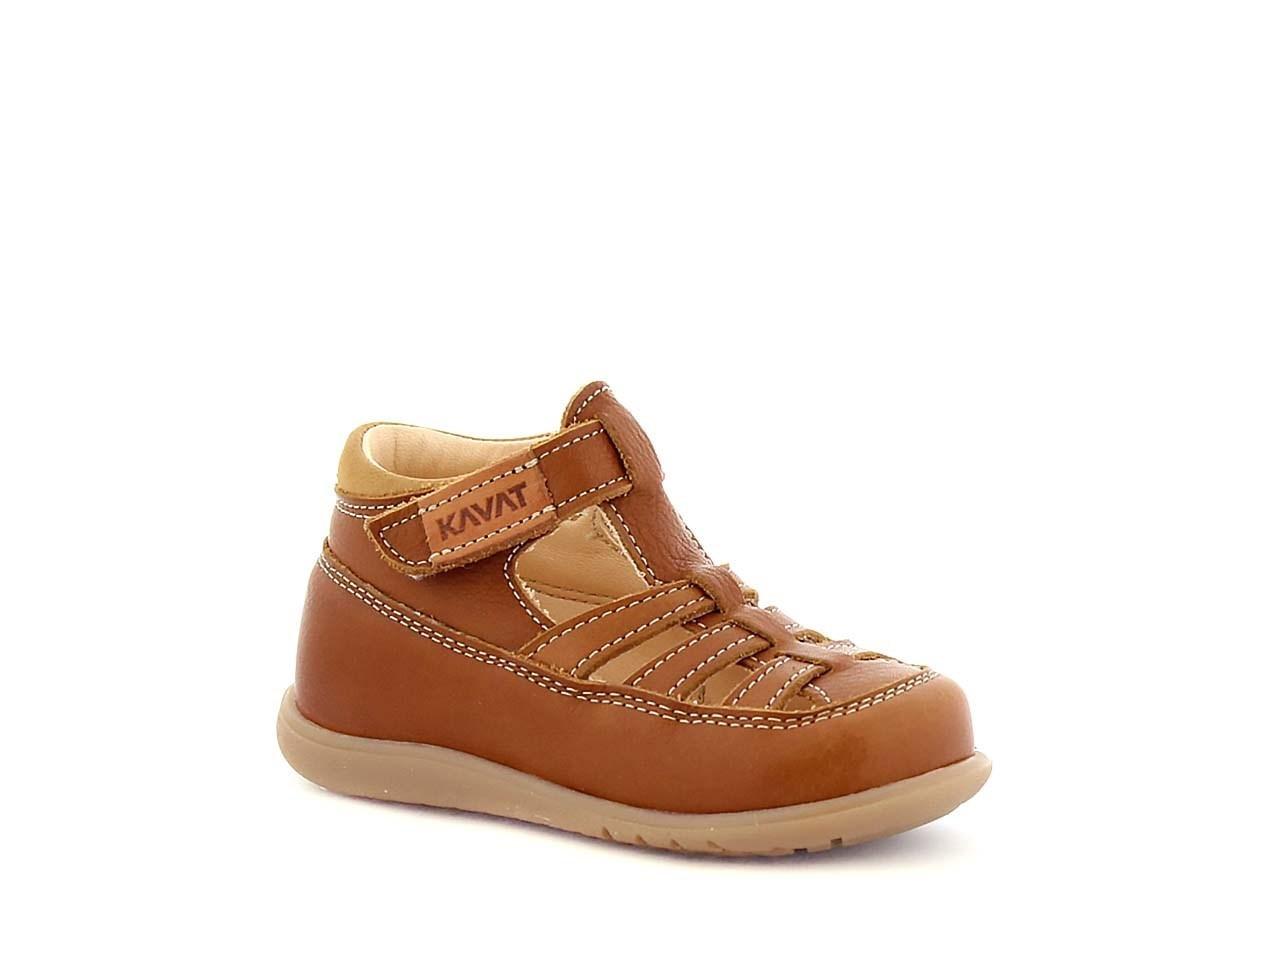 brun sandal i skinn